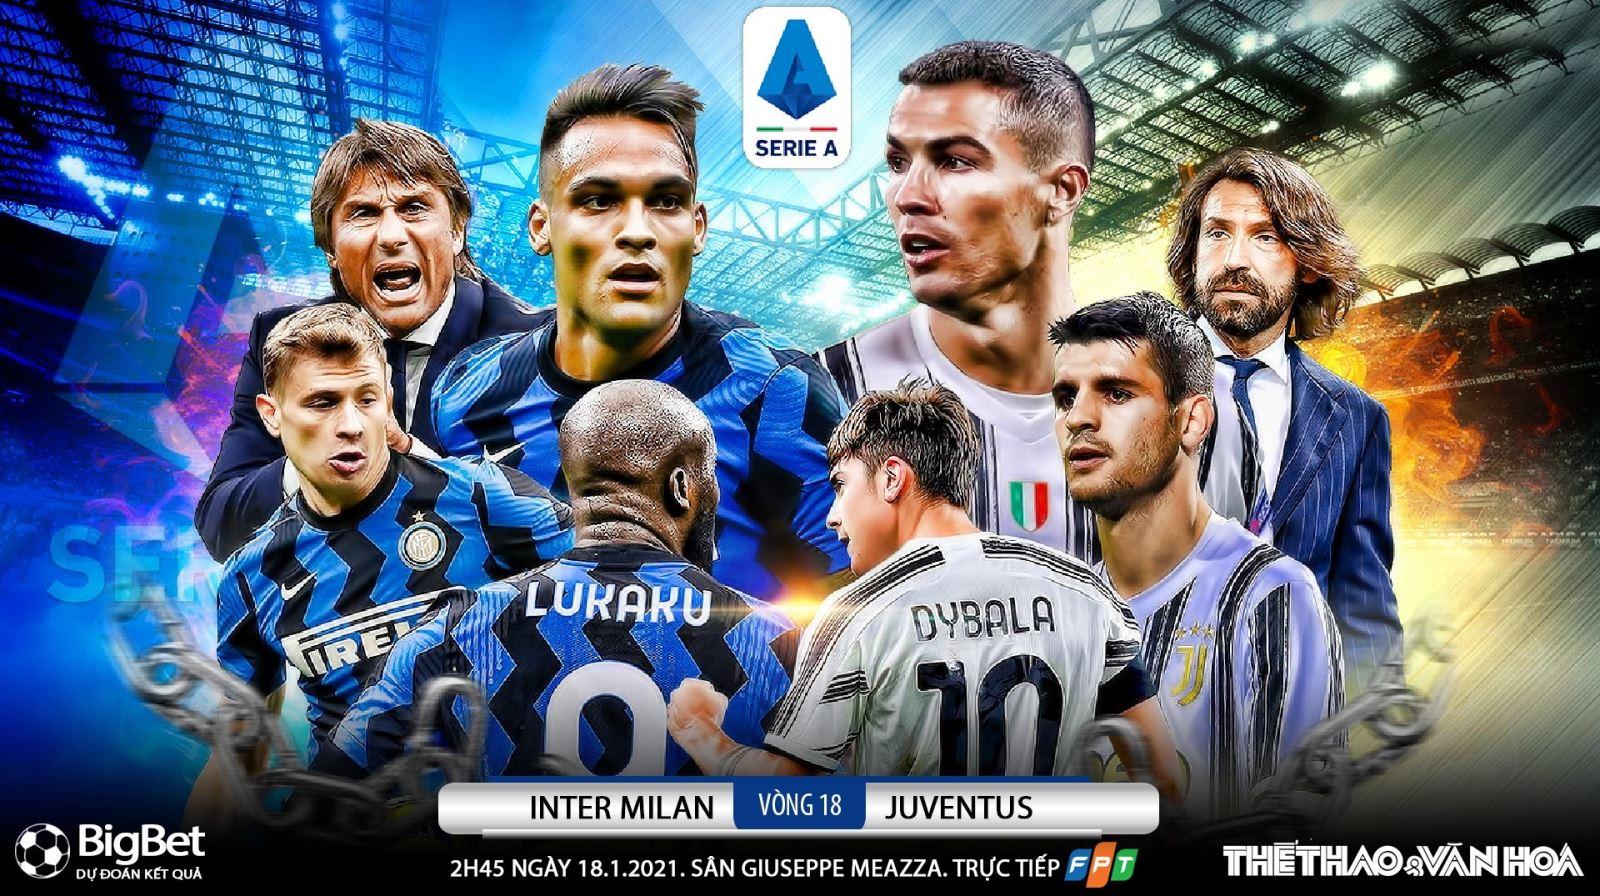 Inter Milan vs Juventus – Thống kê, dự đoán tỷ số, đội hình